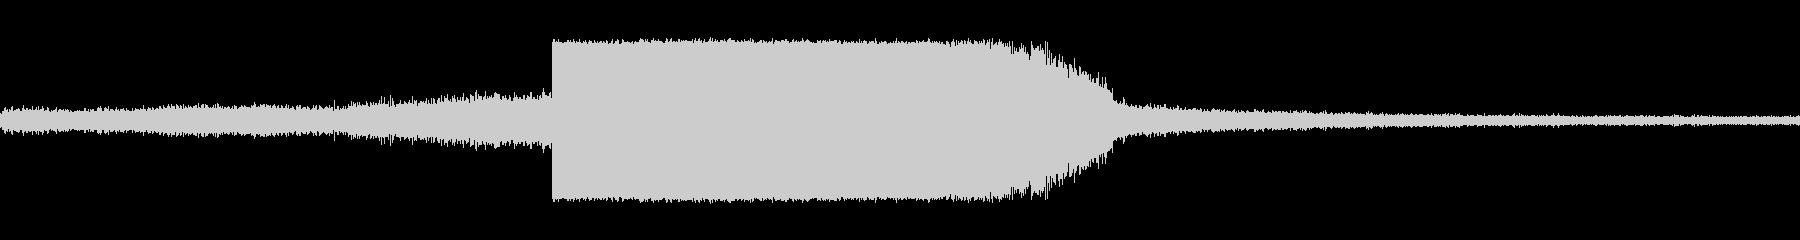 トーチブロー火炎切断の未再生の波形